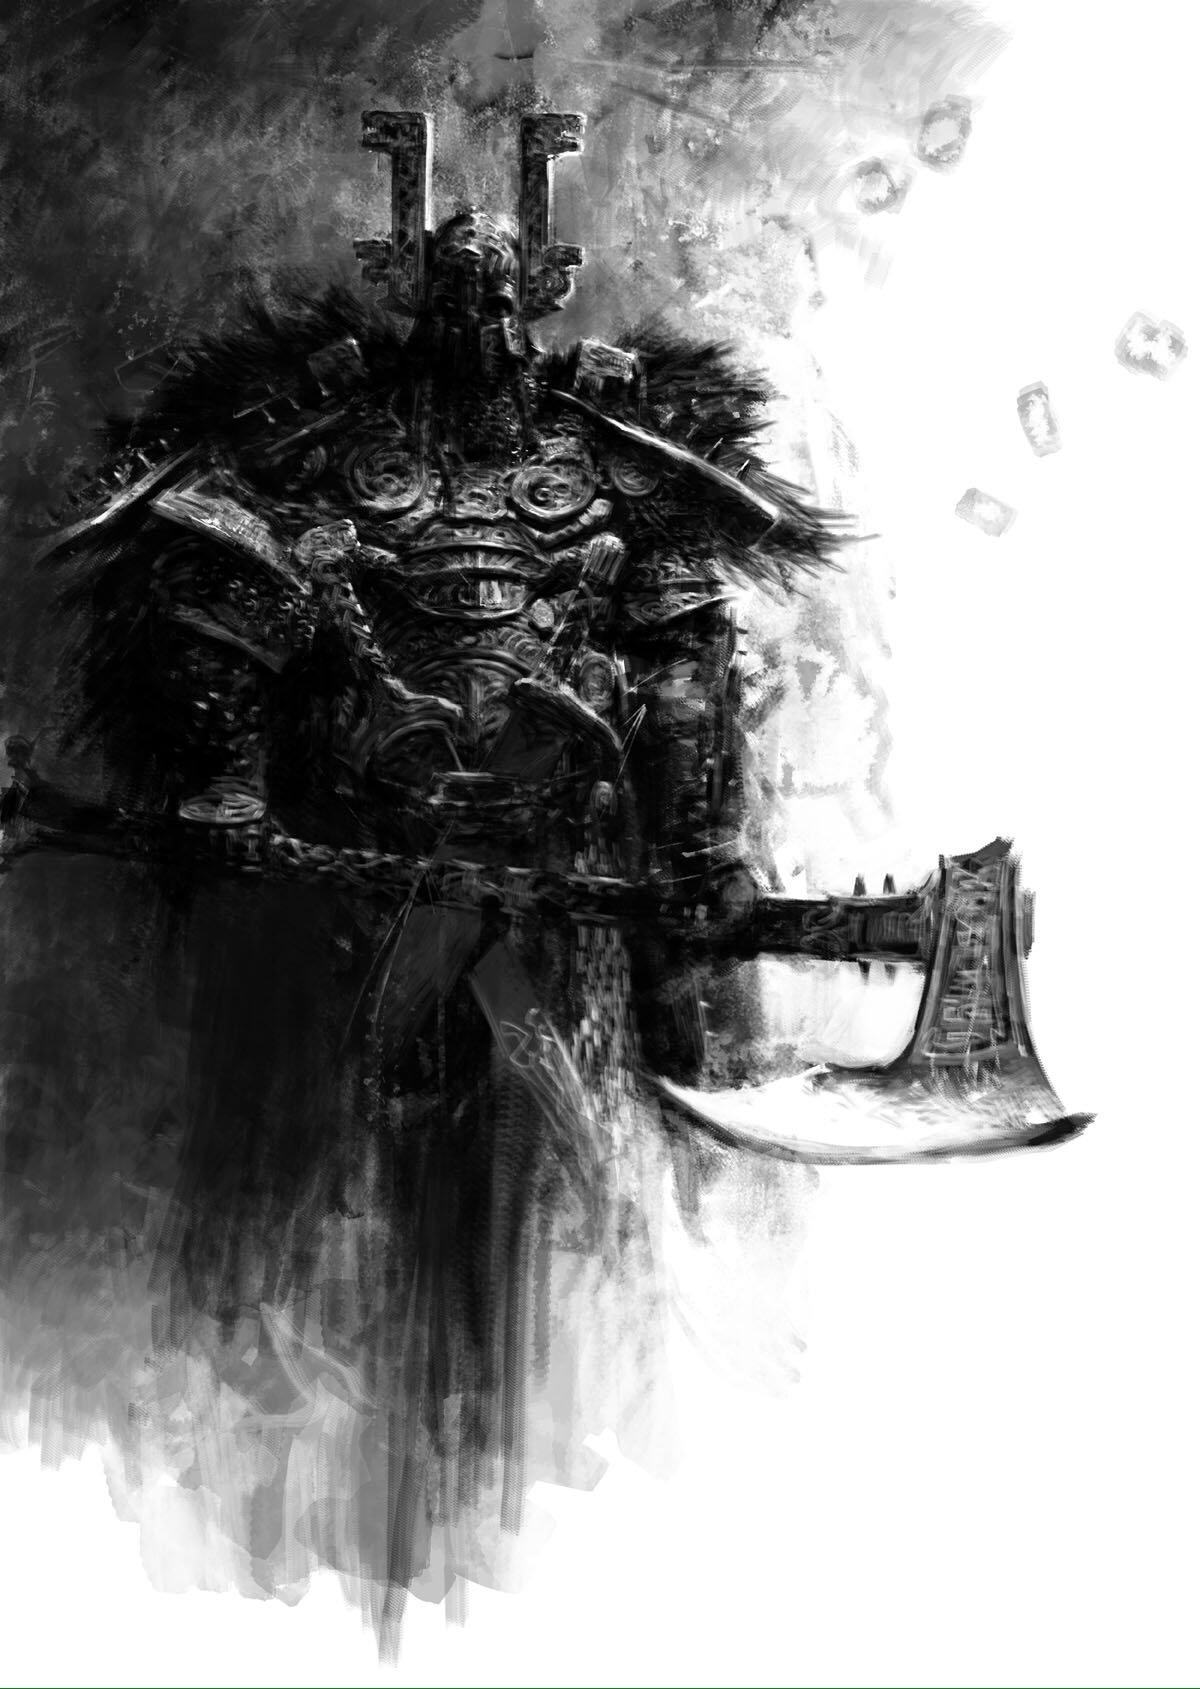 Amazing Fantasy Illust...